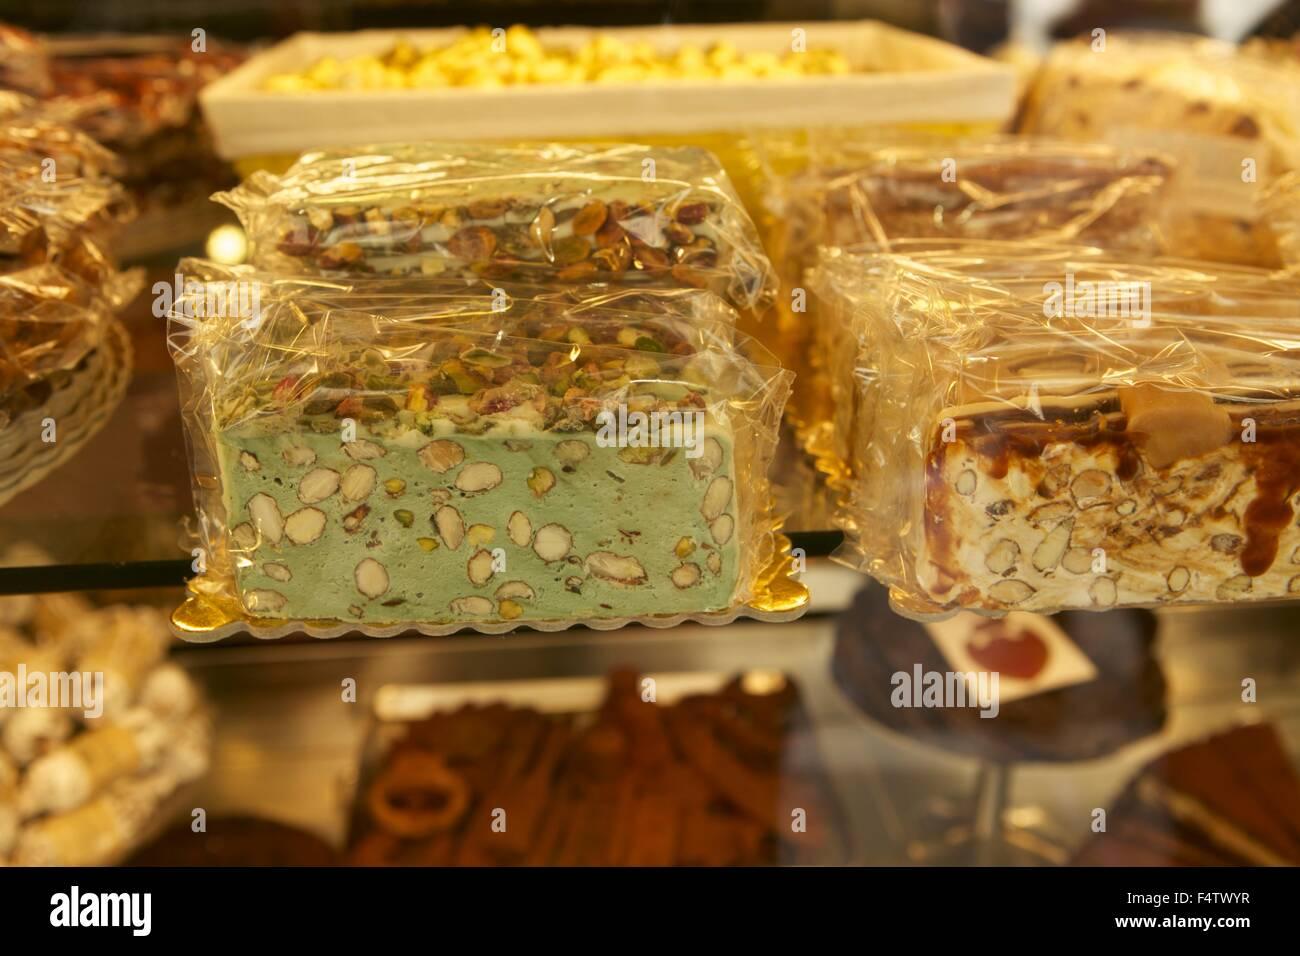 Fenster Essen essen süßigkeiten typisch italienische süßigkeiten fenster shop café